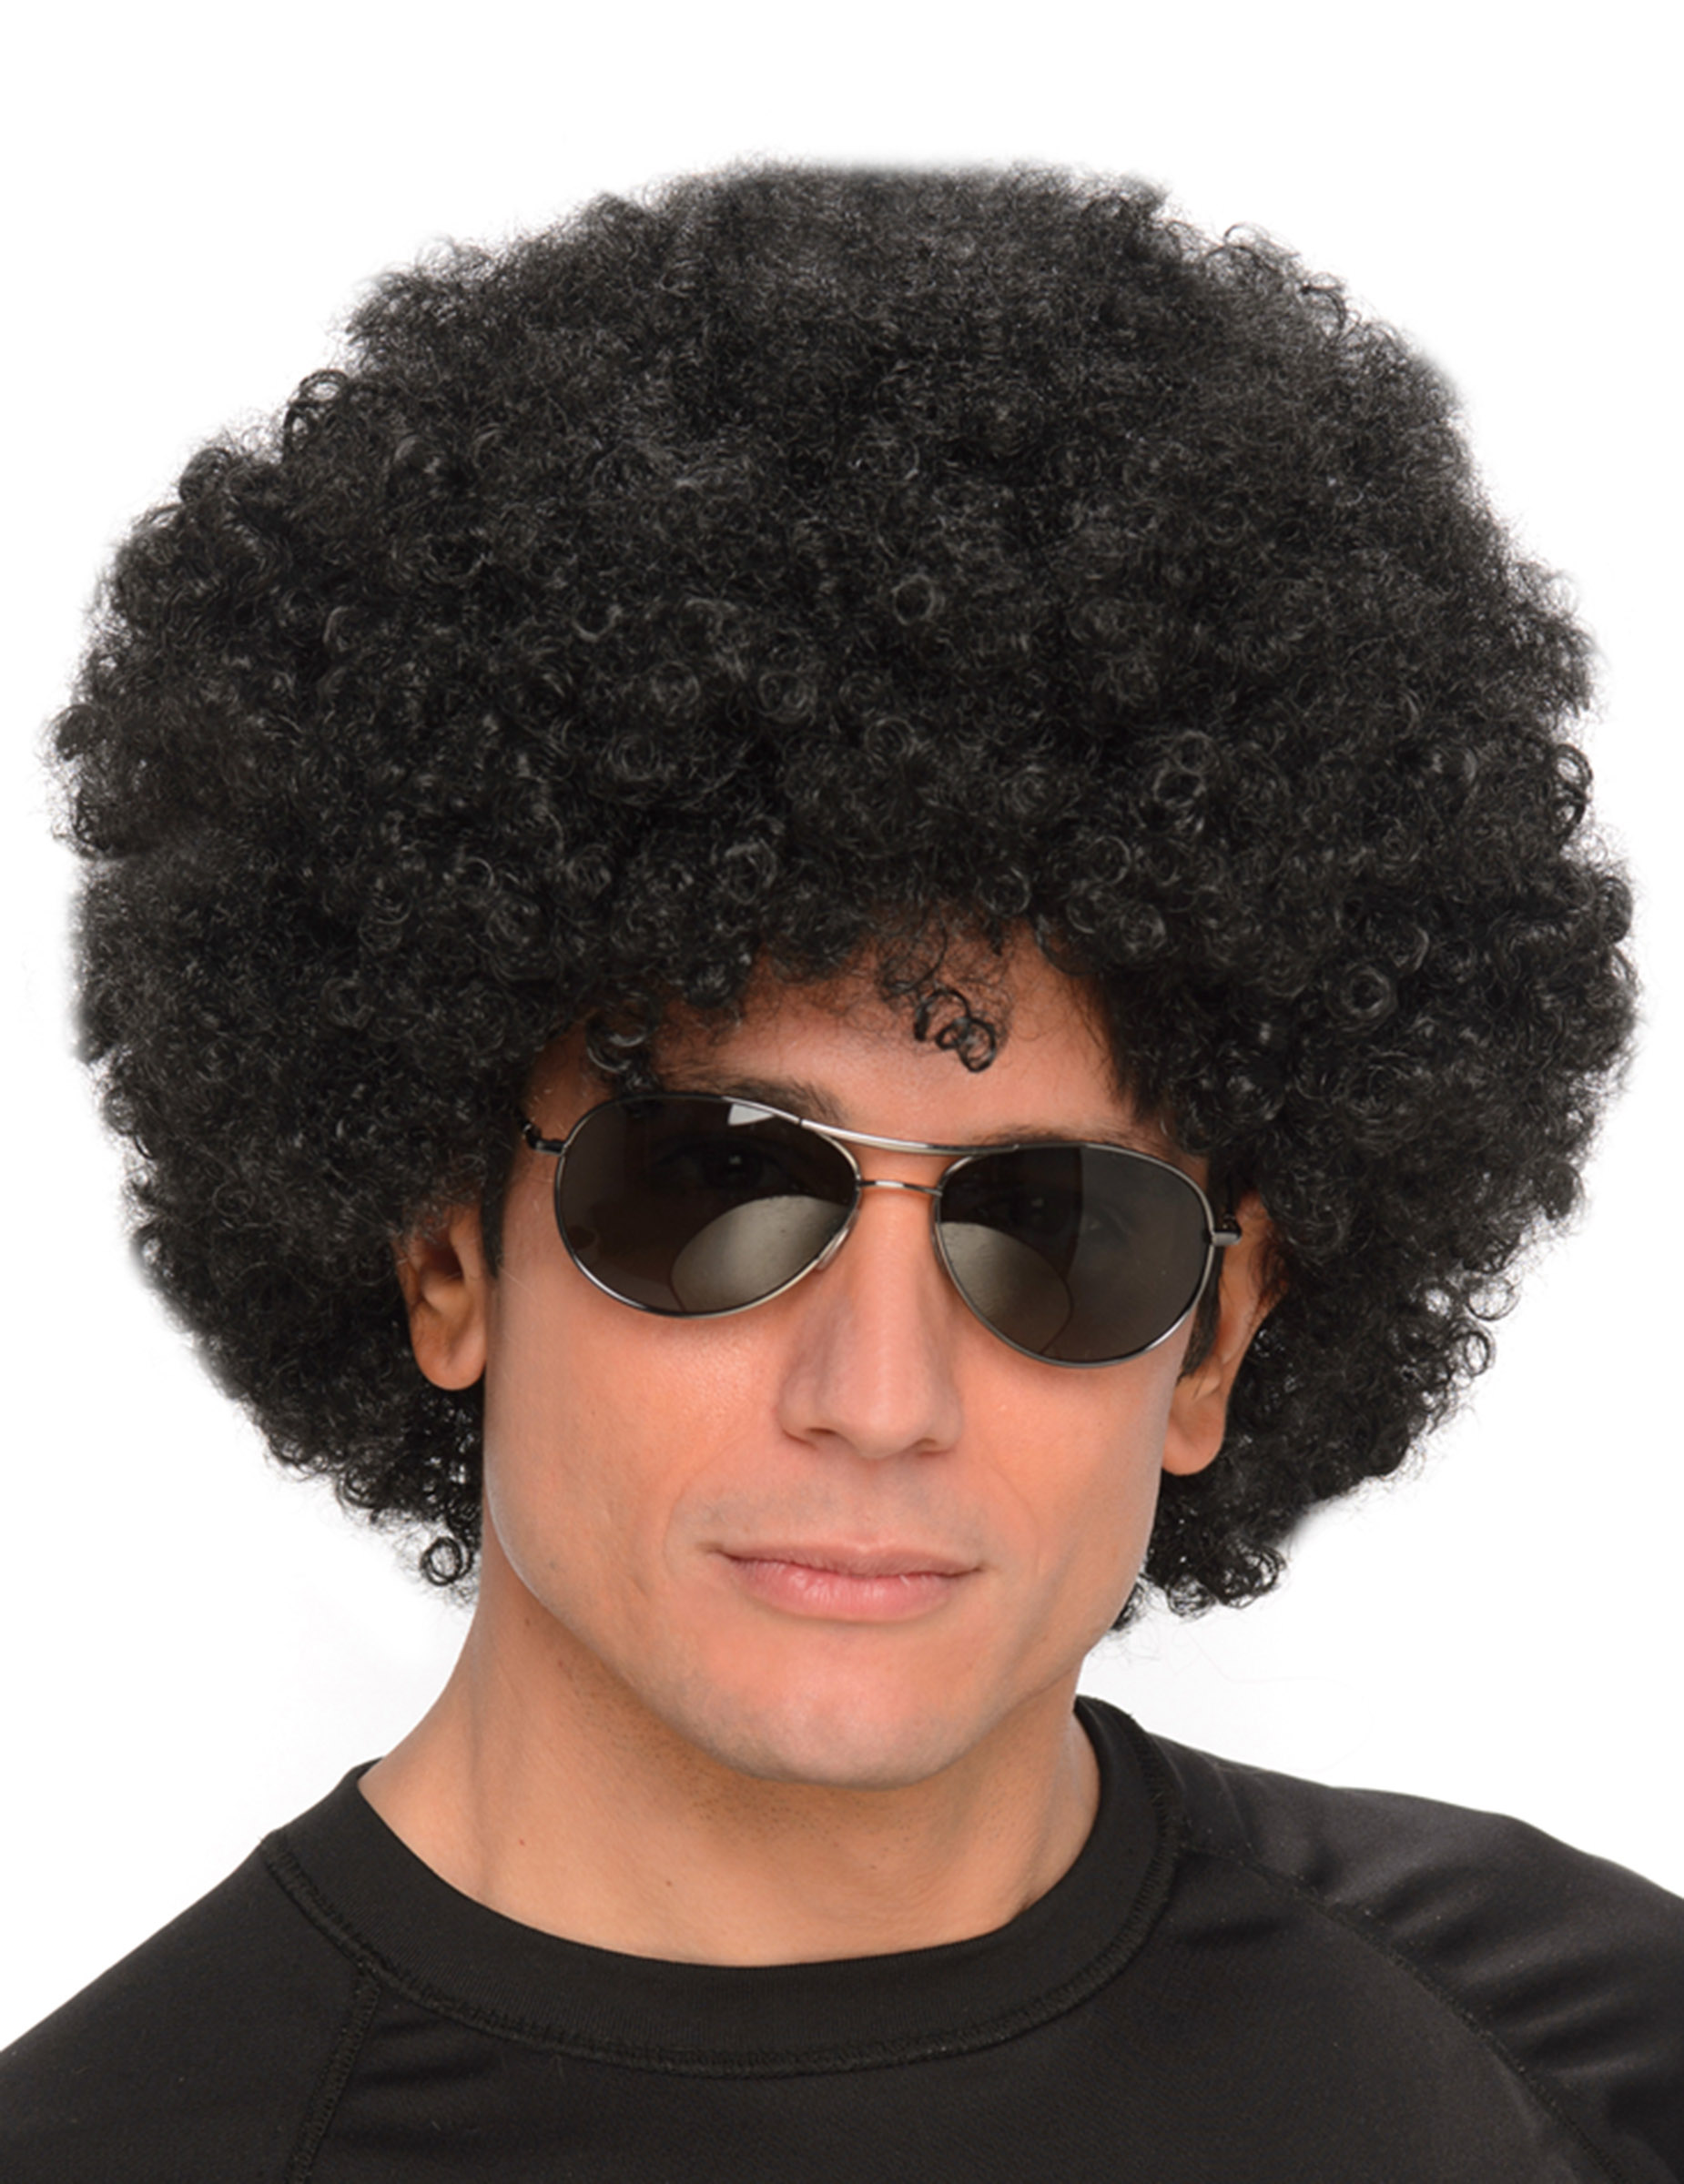 Perruque afro disco noire adulte : Deguise-